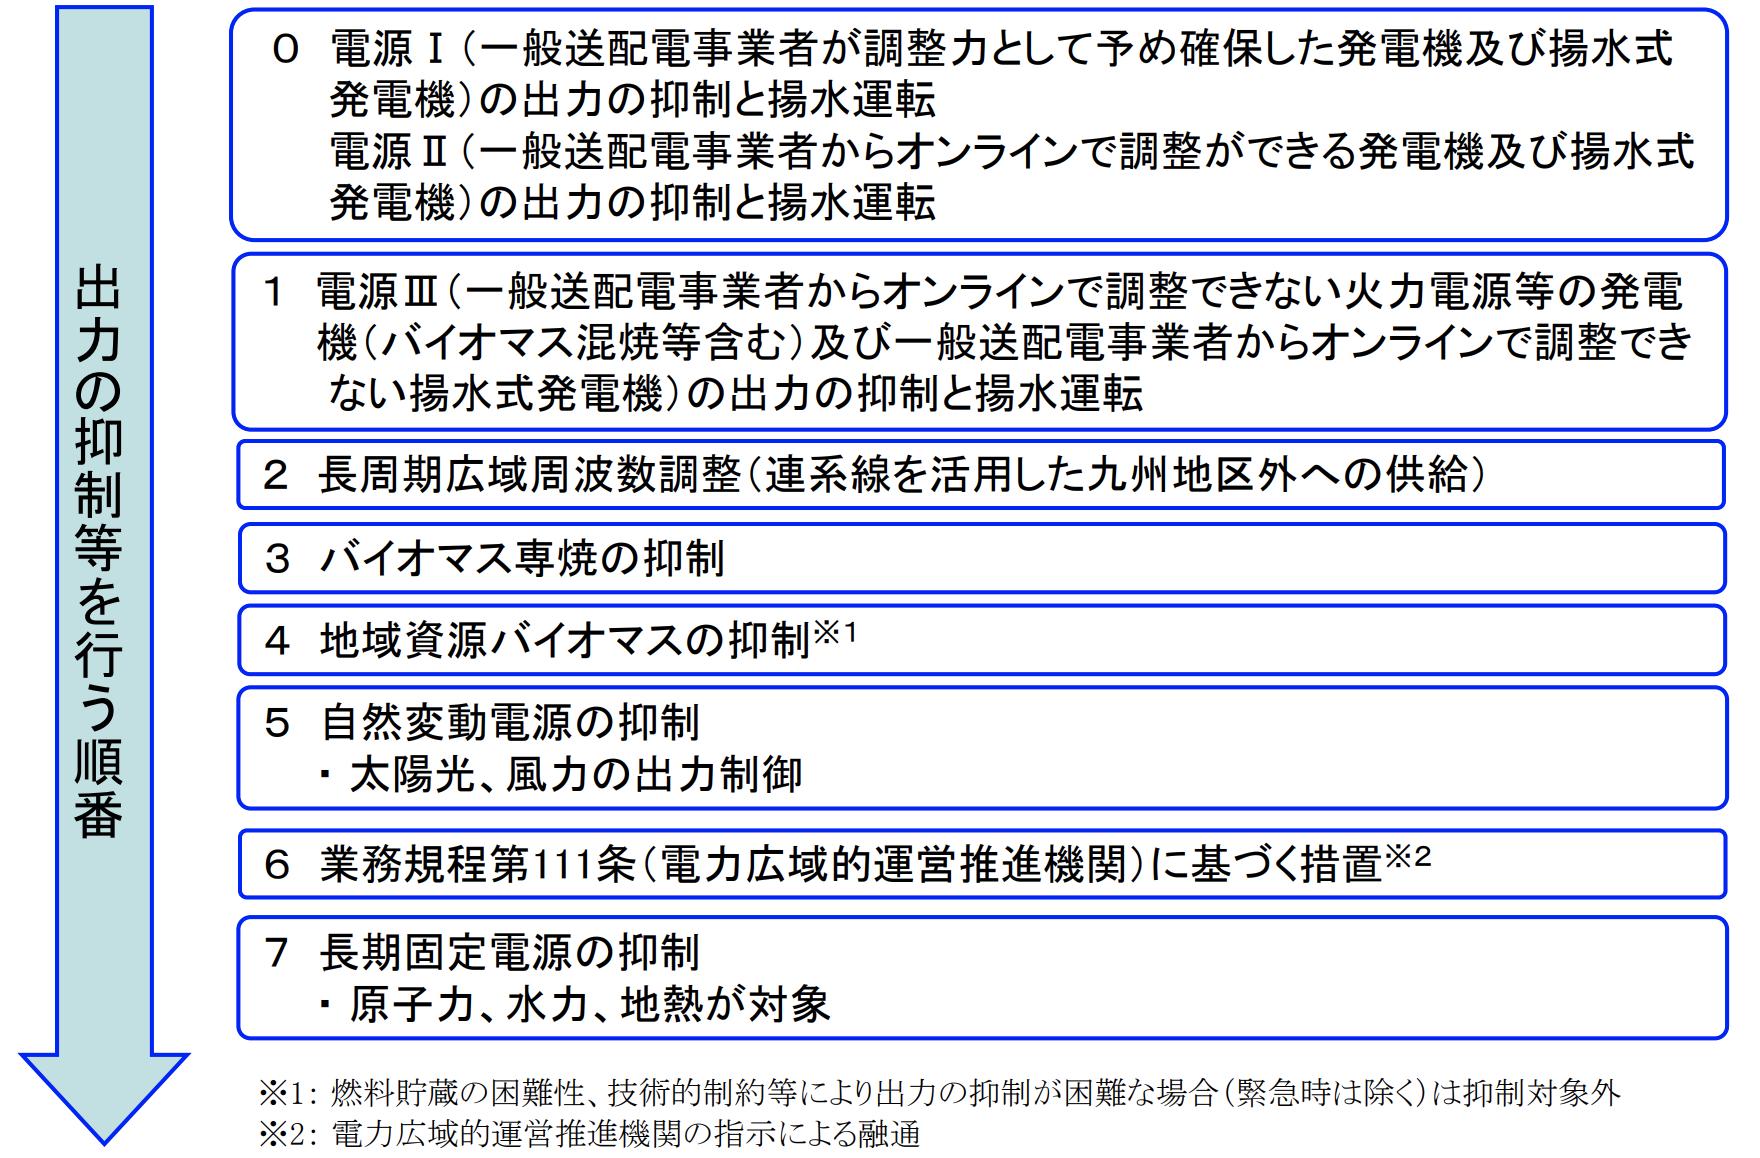 【日本】九州電力、太陽光発電の出力制御指示発動。離島除き国内初。原発再稼働で可能性増加 2